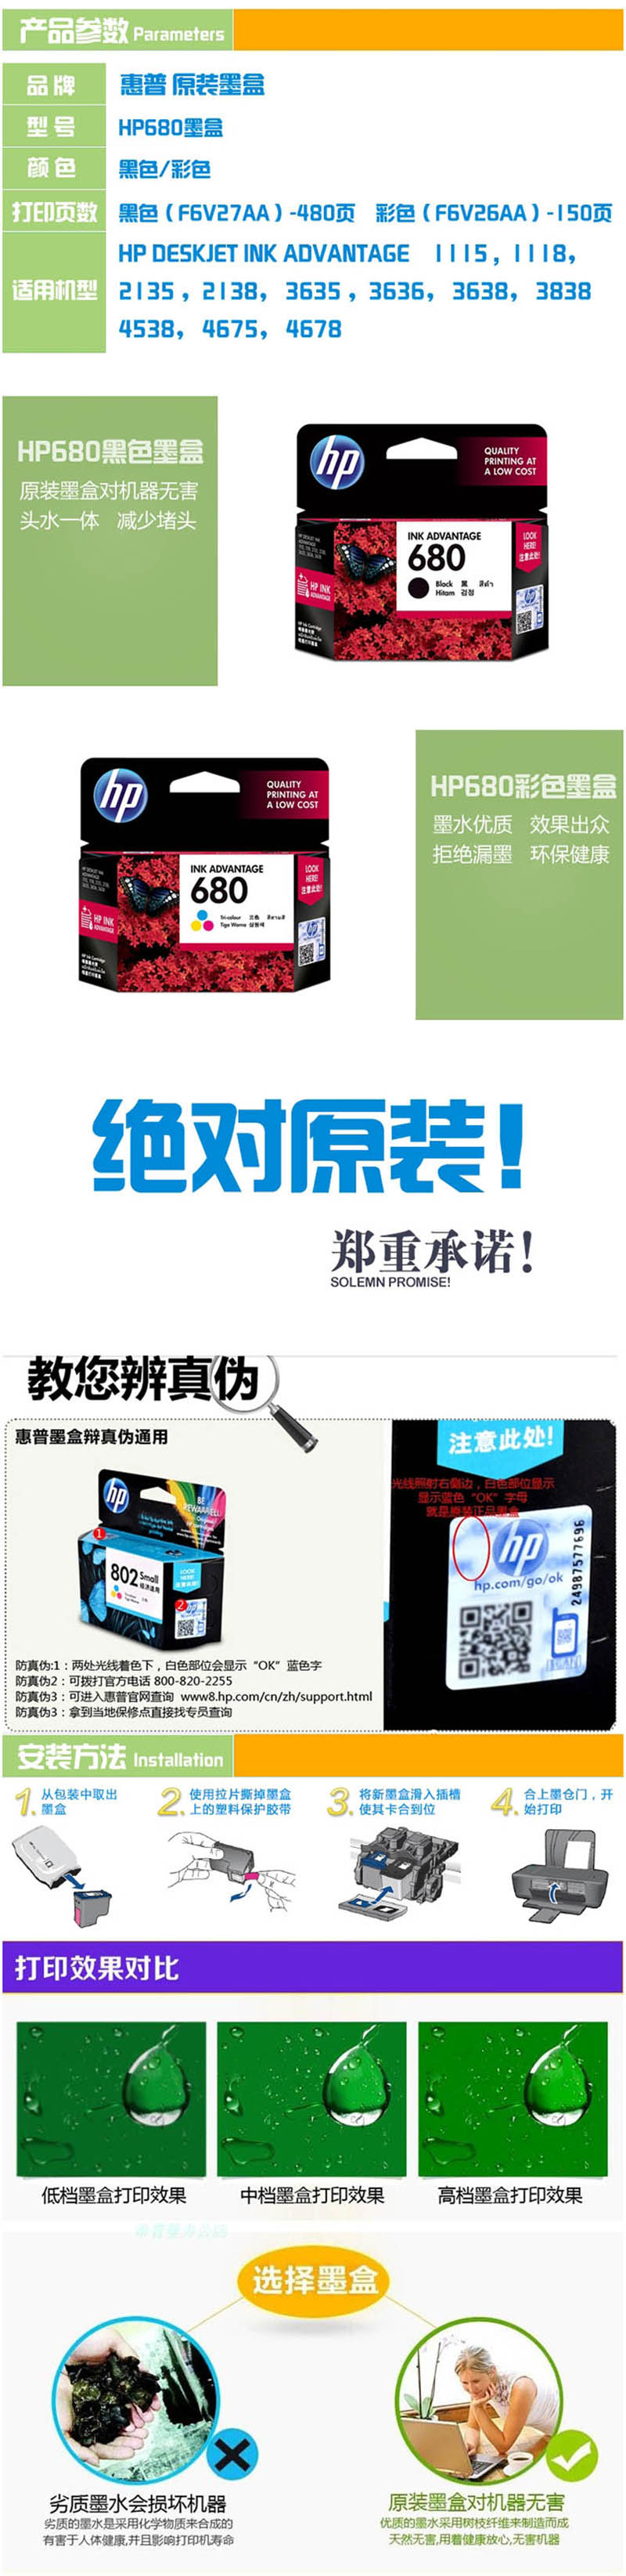 惠普 F6V26AA 680 原装彩色墨盒 适用于Deskjet 2138 3638 3838 4678 4538 3776 3777 3778 5078 5088